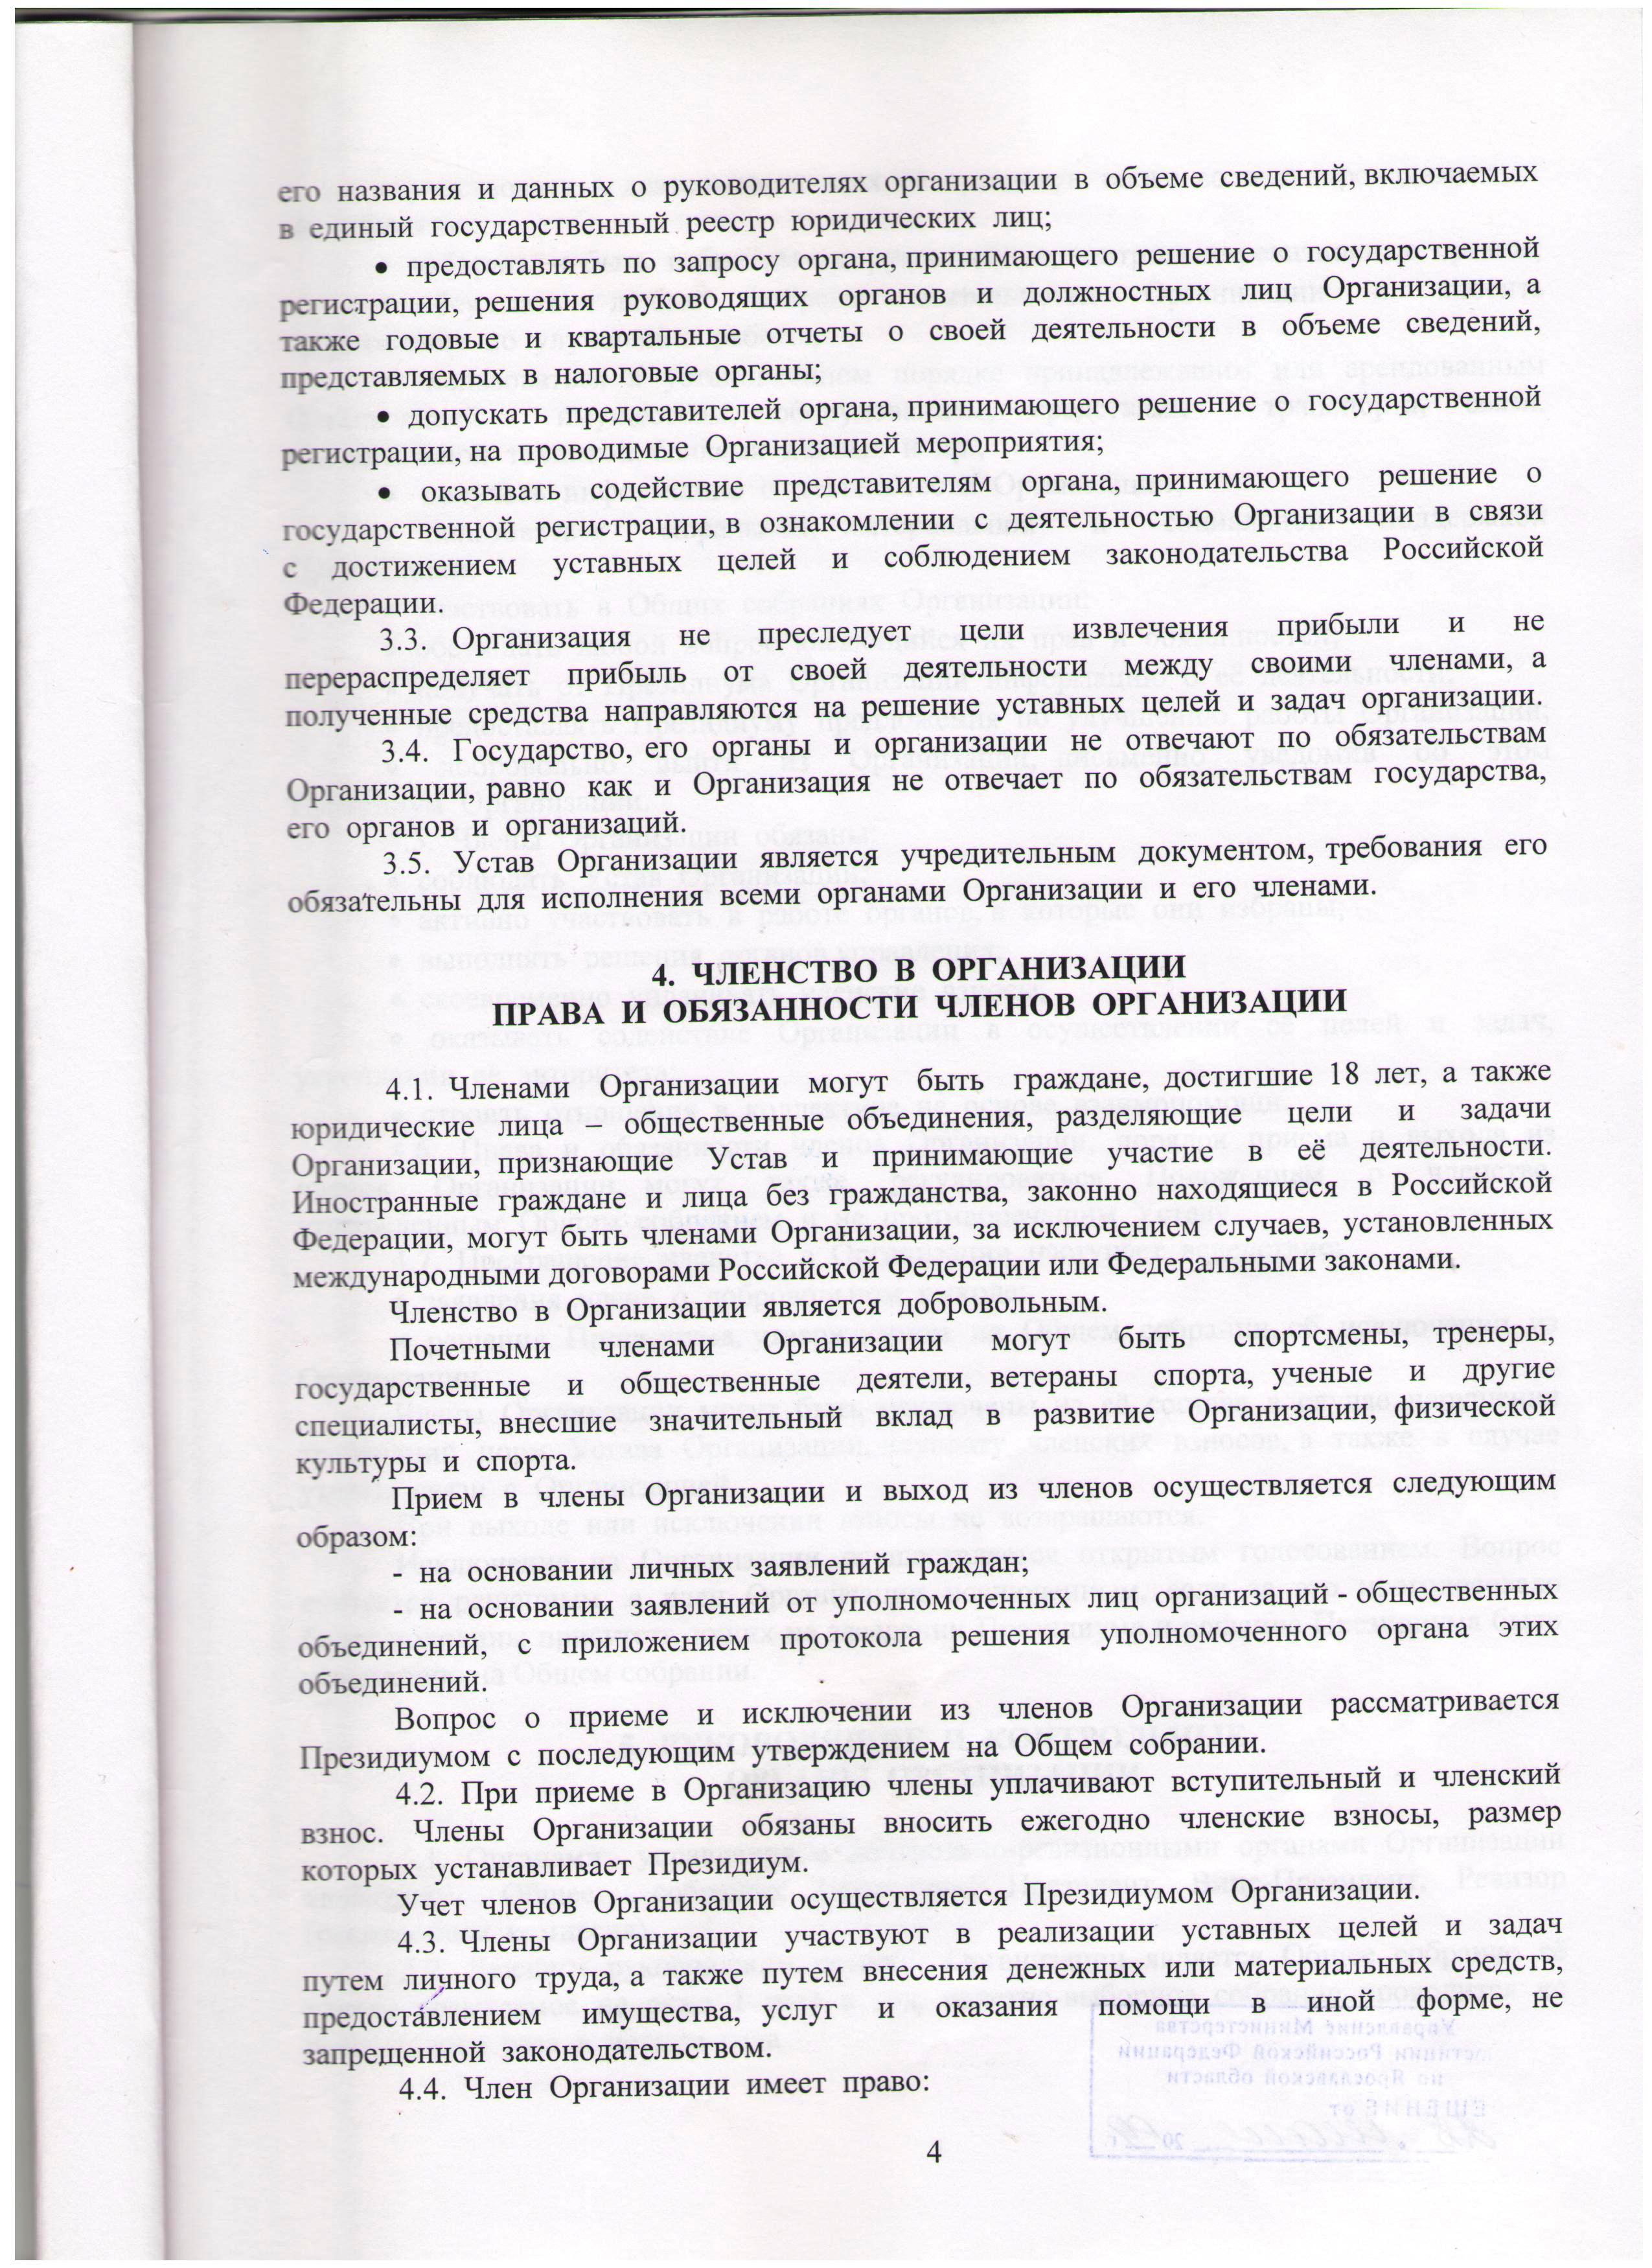 Устав ФСА ЯО 004